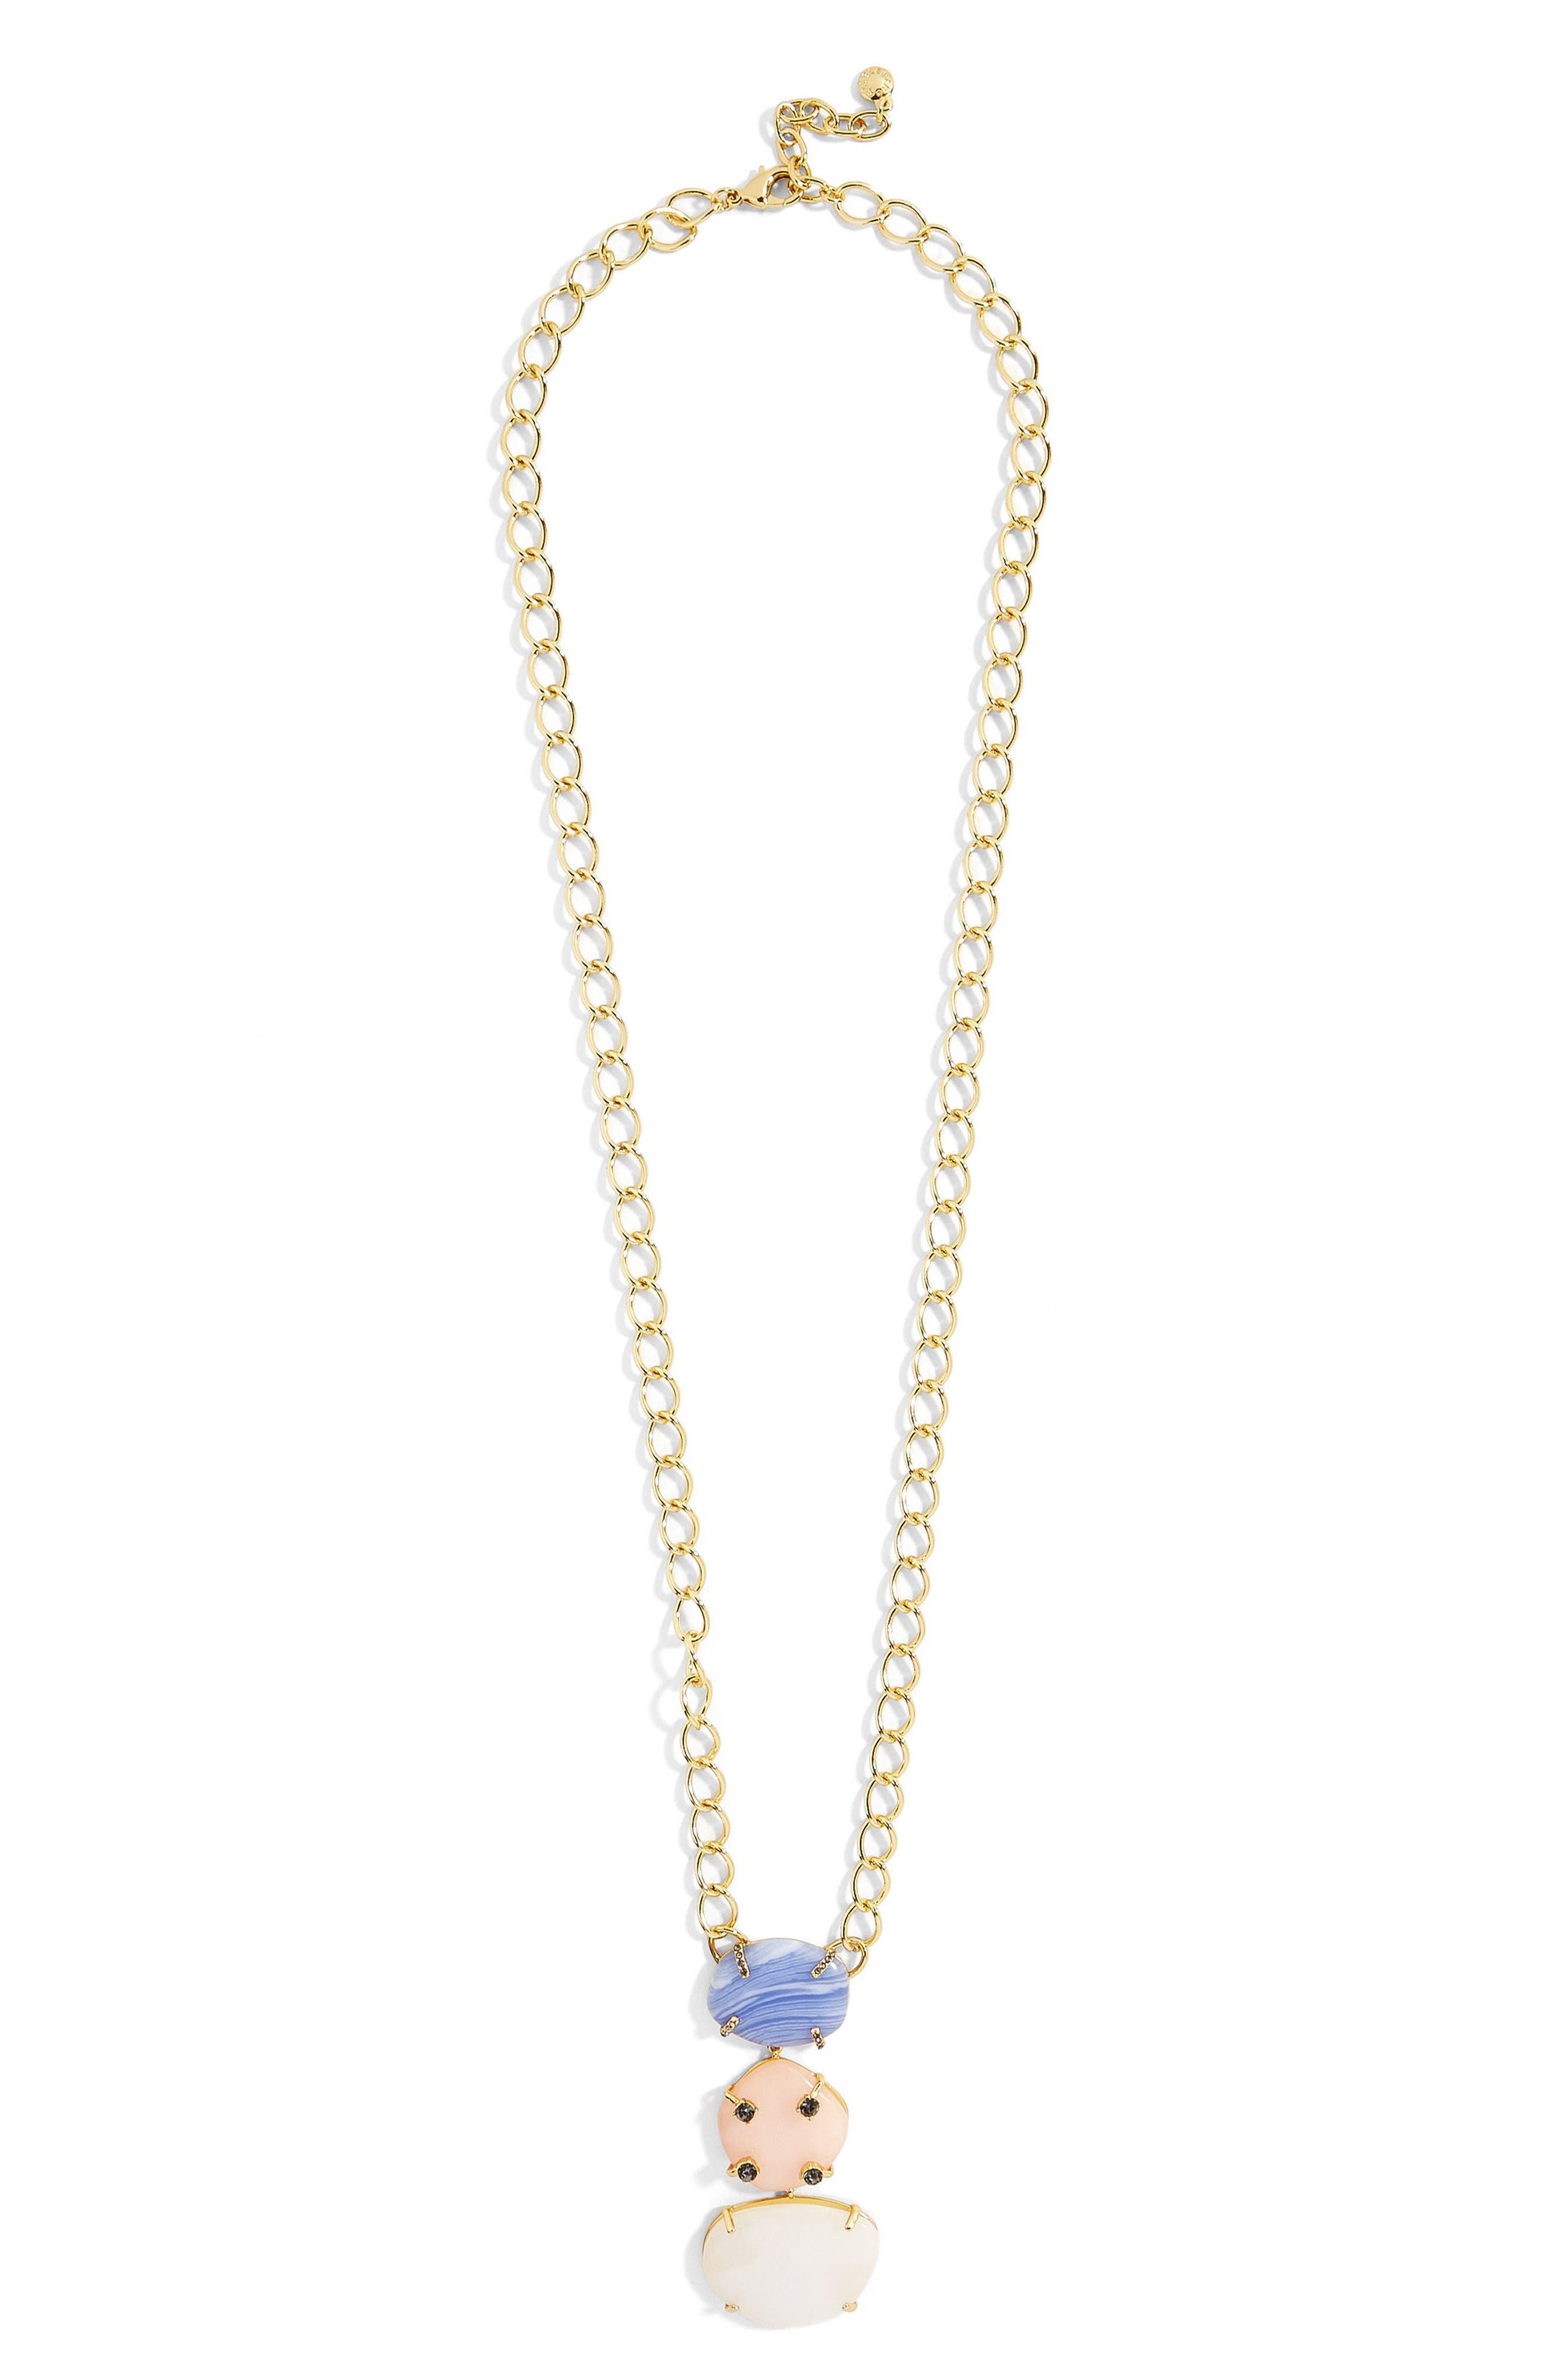 Karmah Pendant Necklace,                             Main thumbnail 1, color,                             710